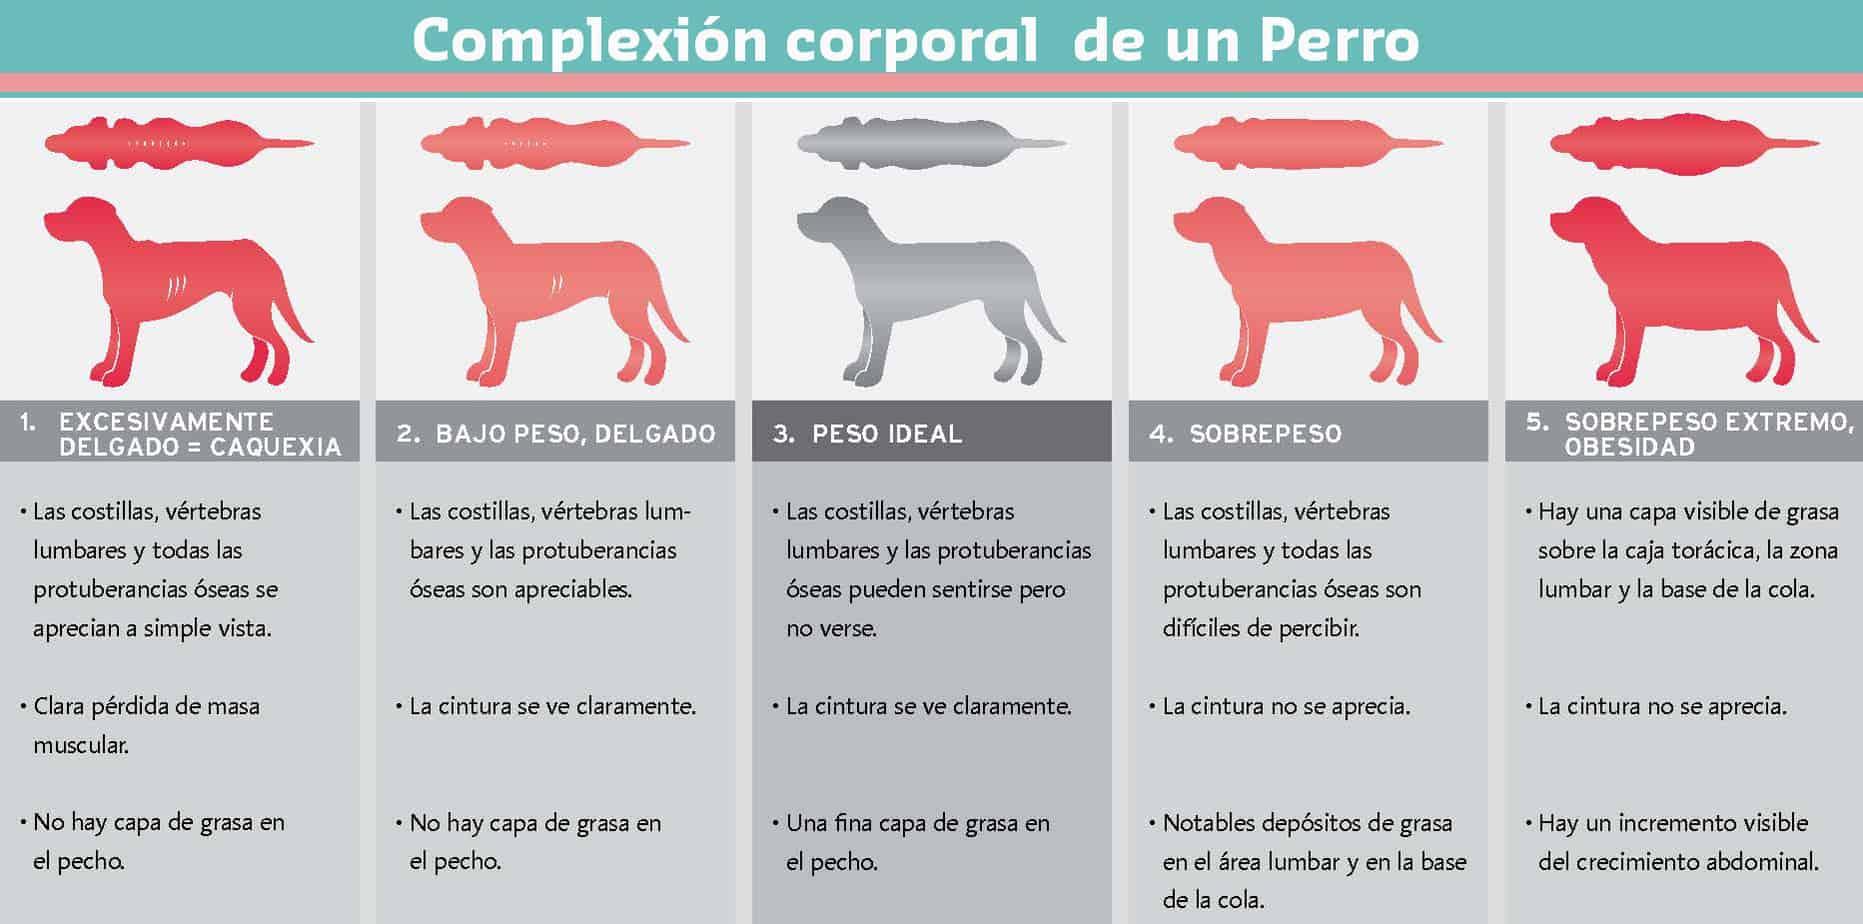 complexión corporal de un perro